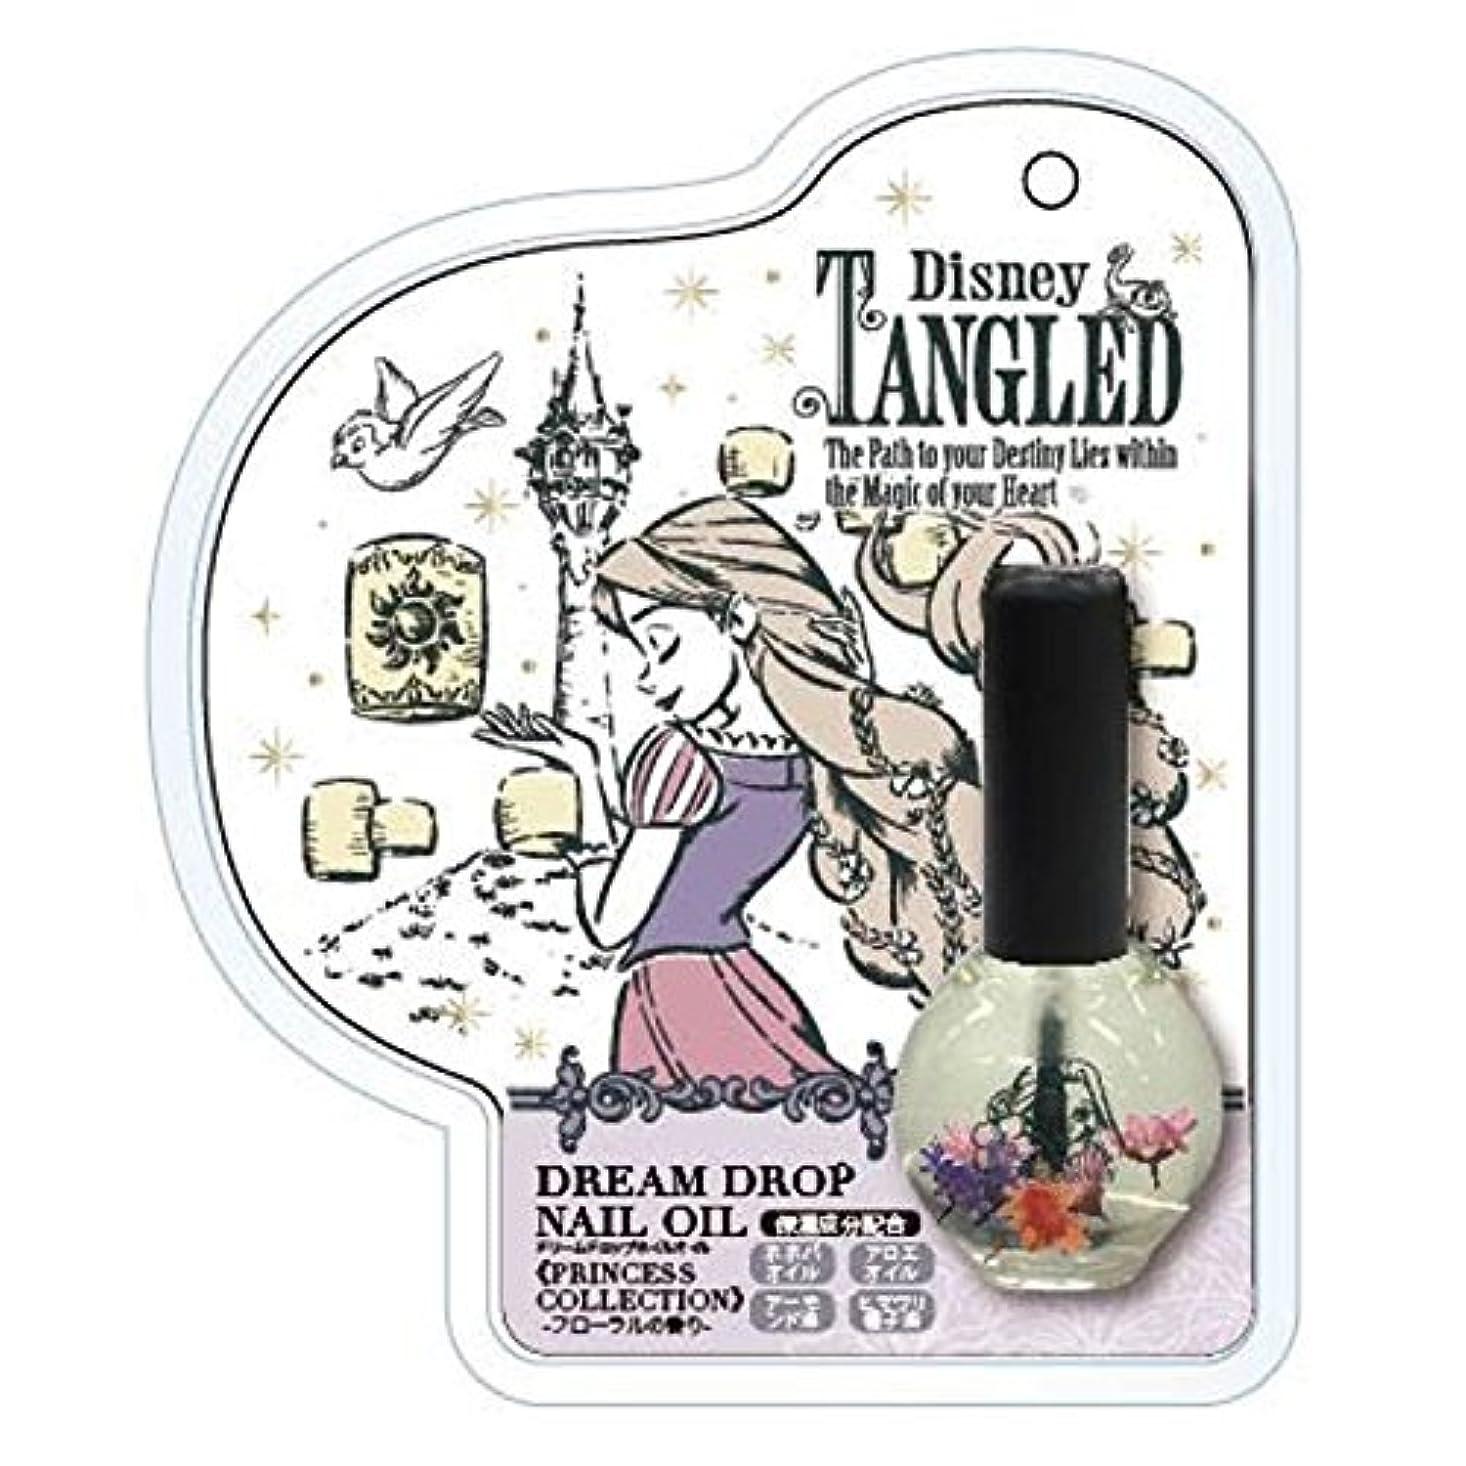 前投薬スキャンダラス組立SHO-BI(ショービ) ドリームドロップネイルオイル プリンセスコレクション ラプンツェル-フローラルの香り-DN04751